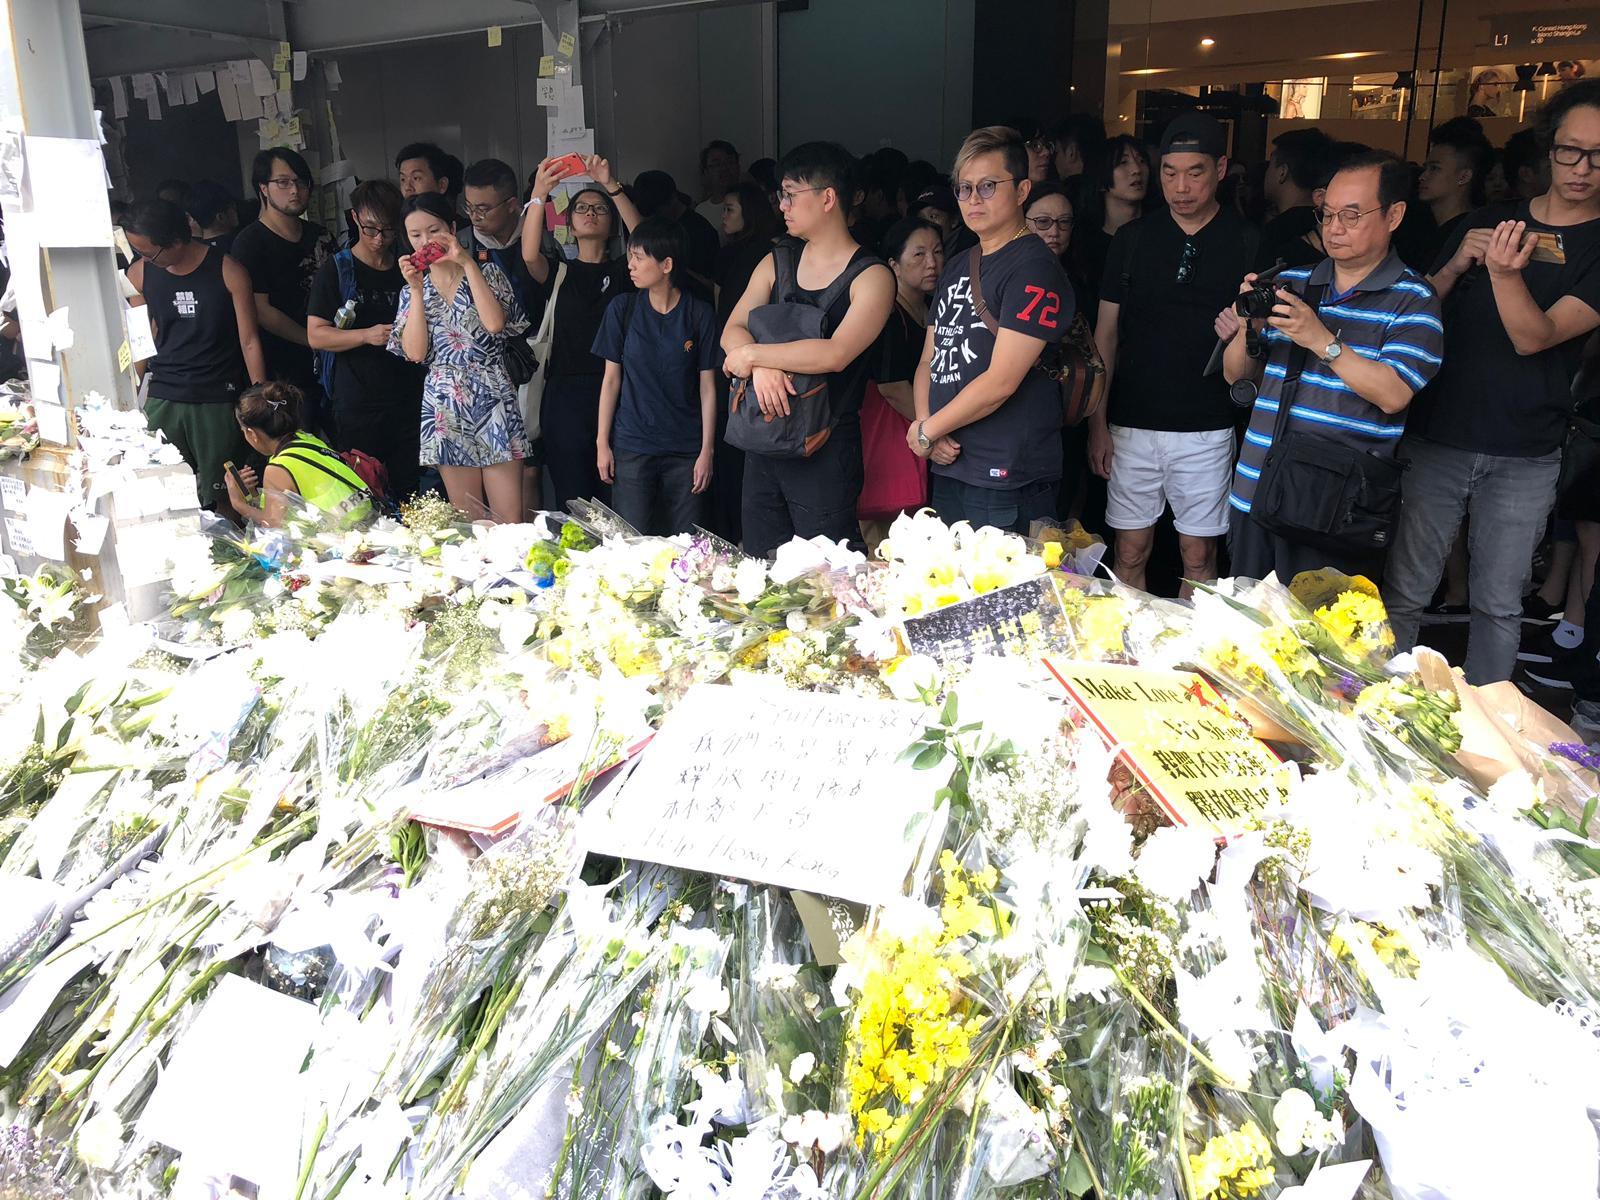 遊行人士在太古廣場外獻花悼念墮地身亡的示威者